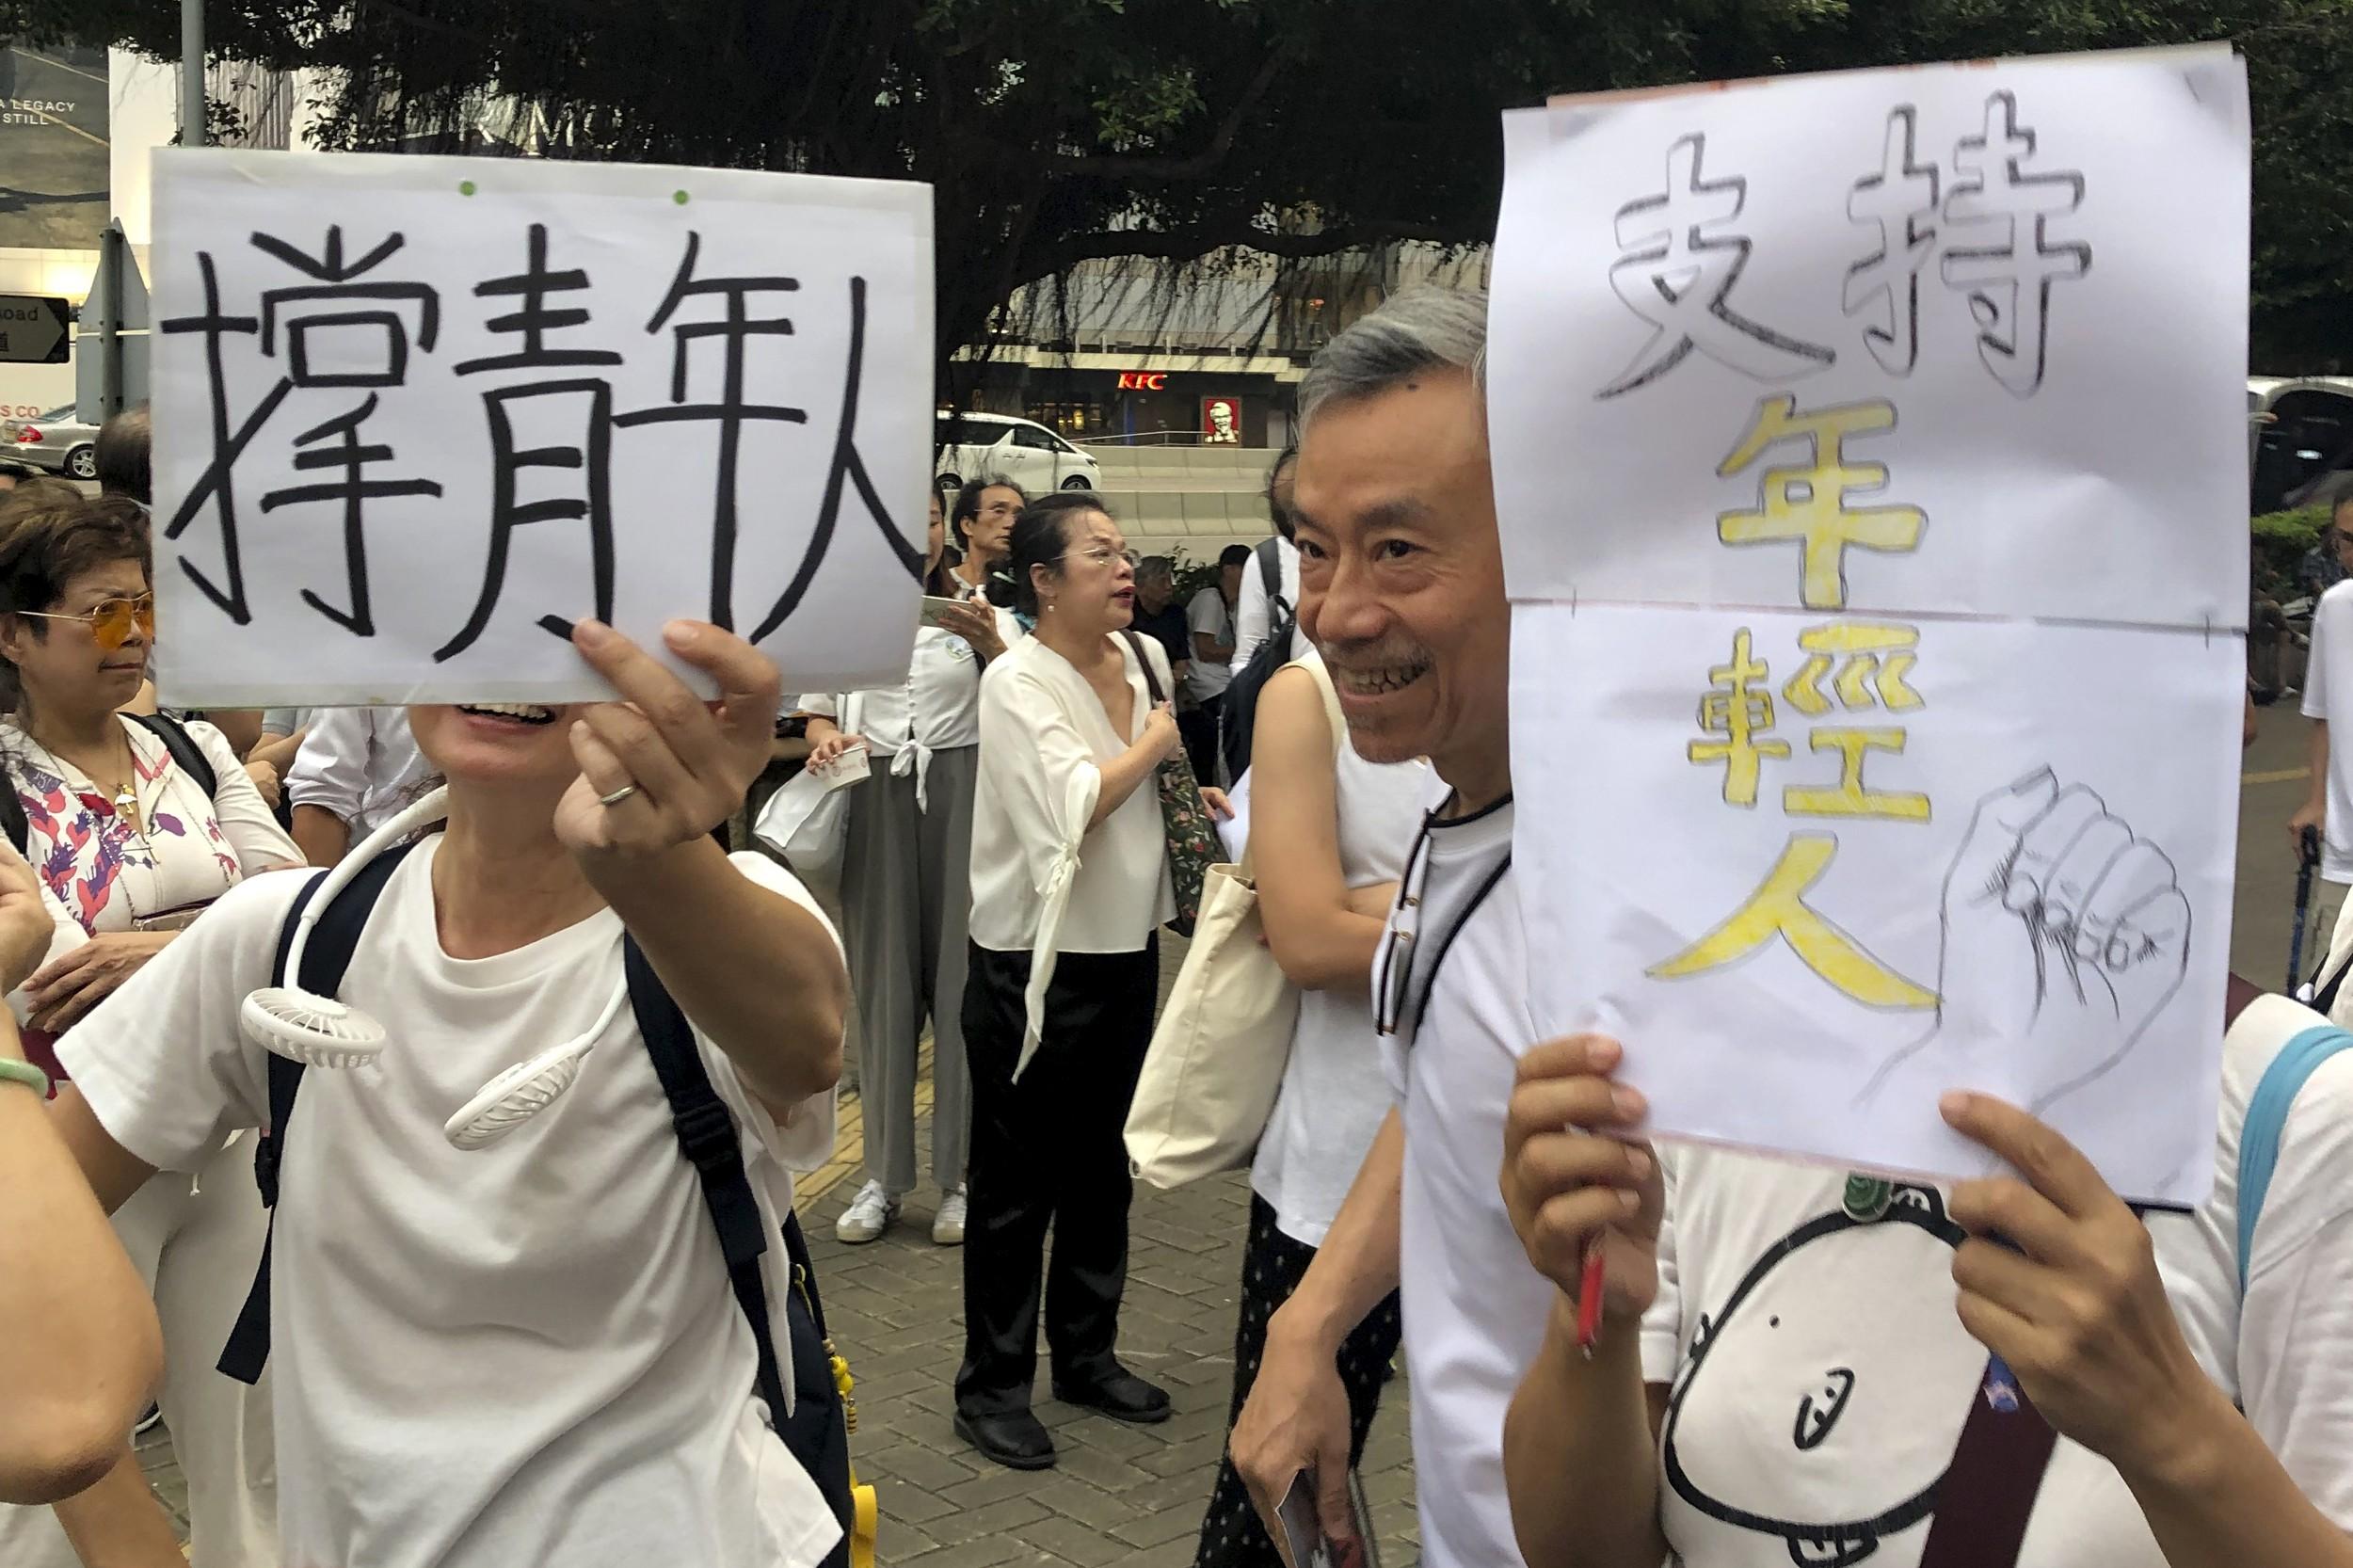 2019年7月17日香港年老民衆遊行支持抗議的年輕人。(美聯社)